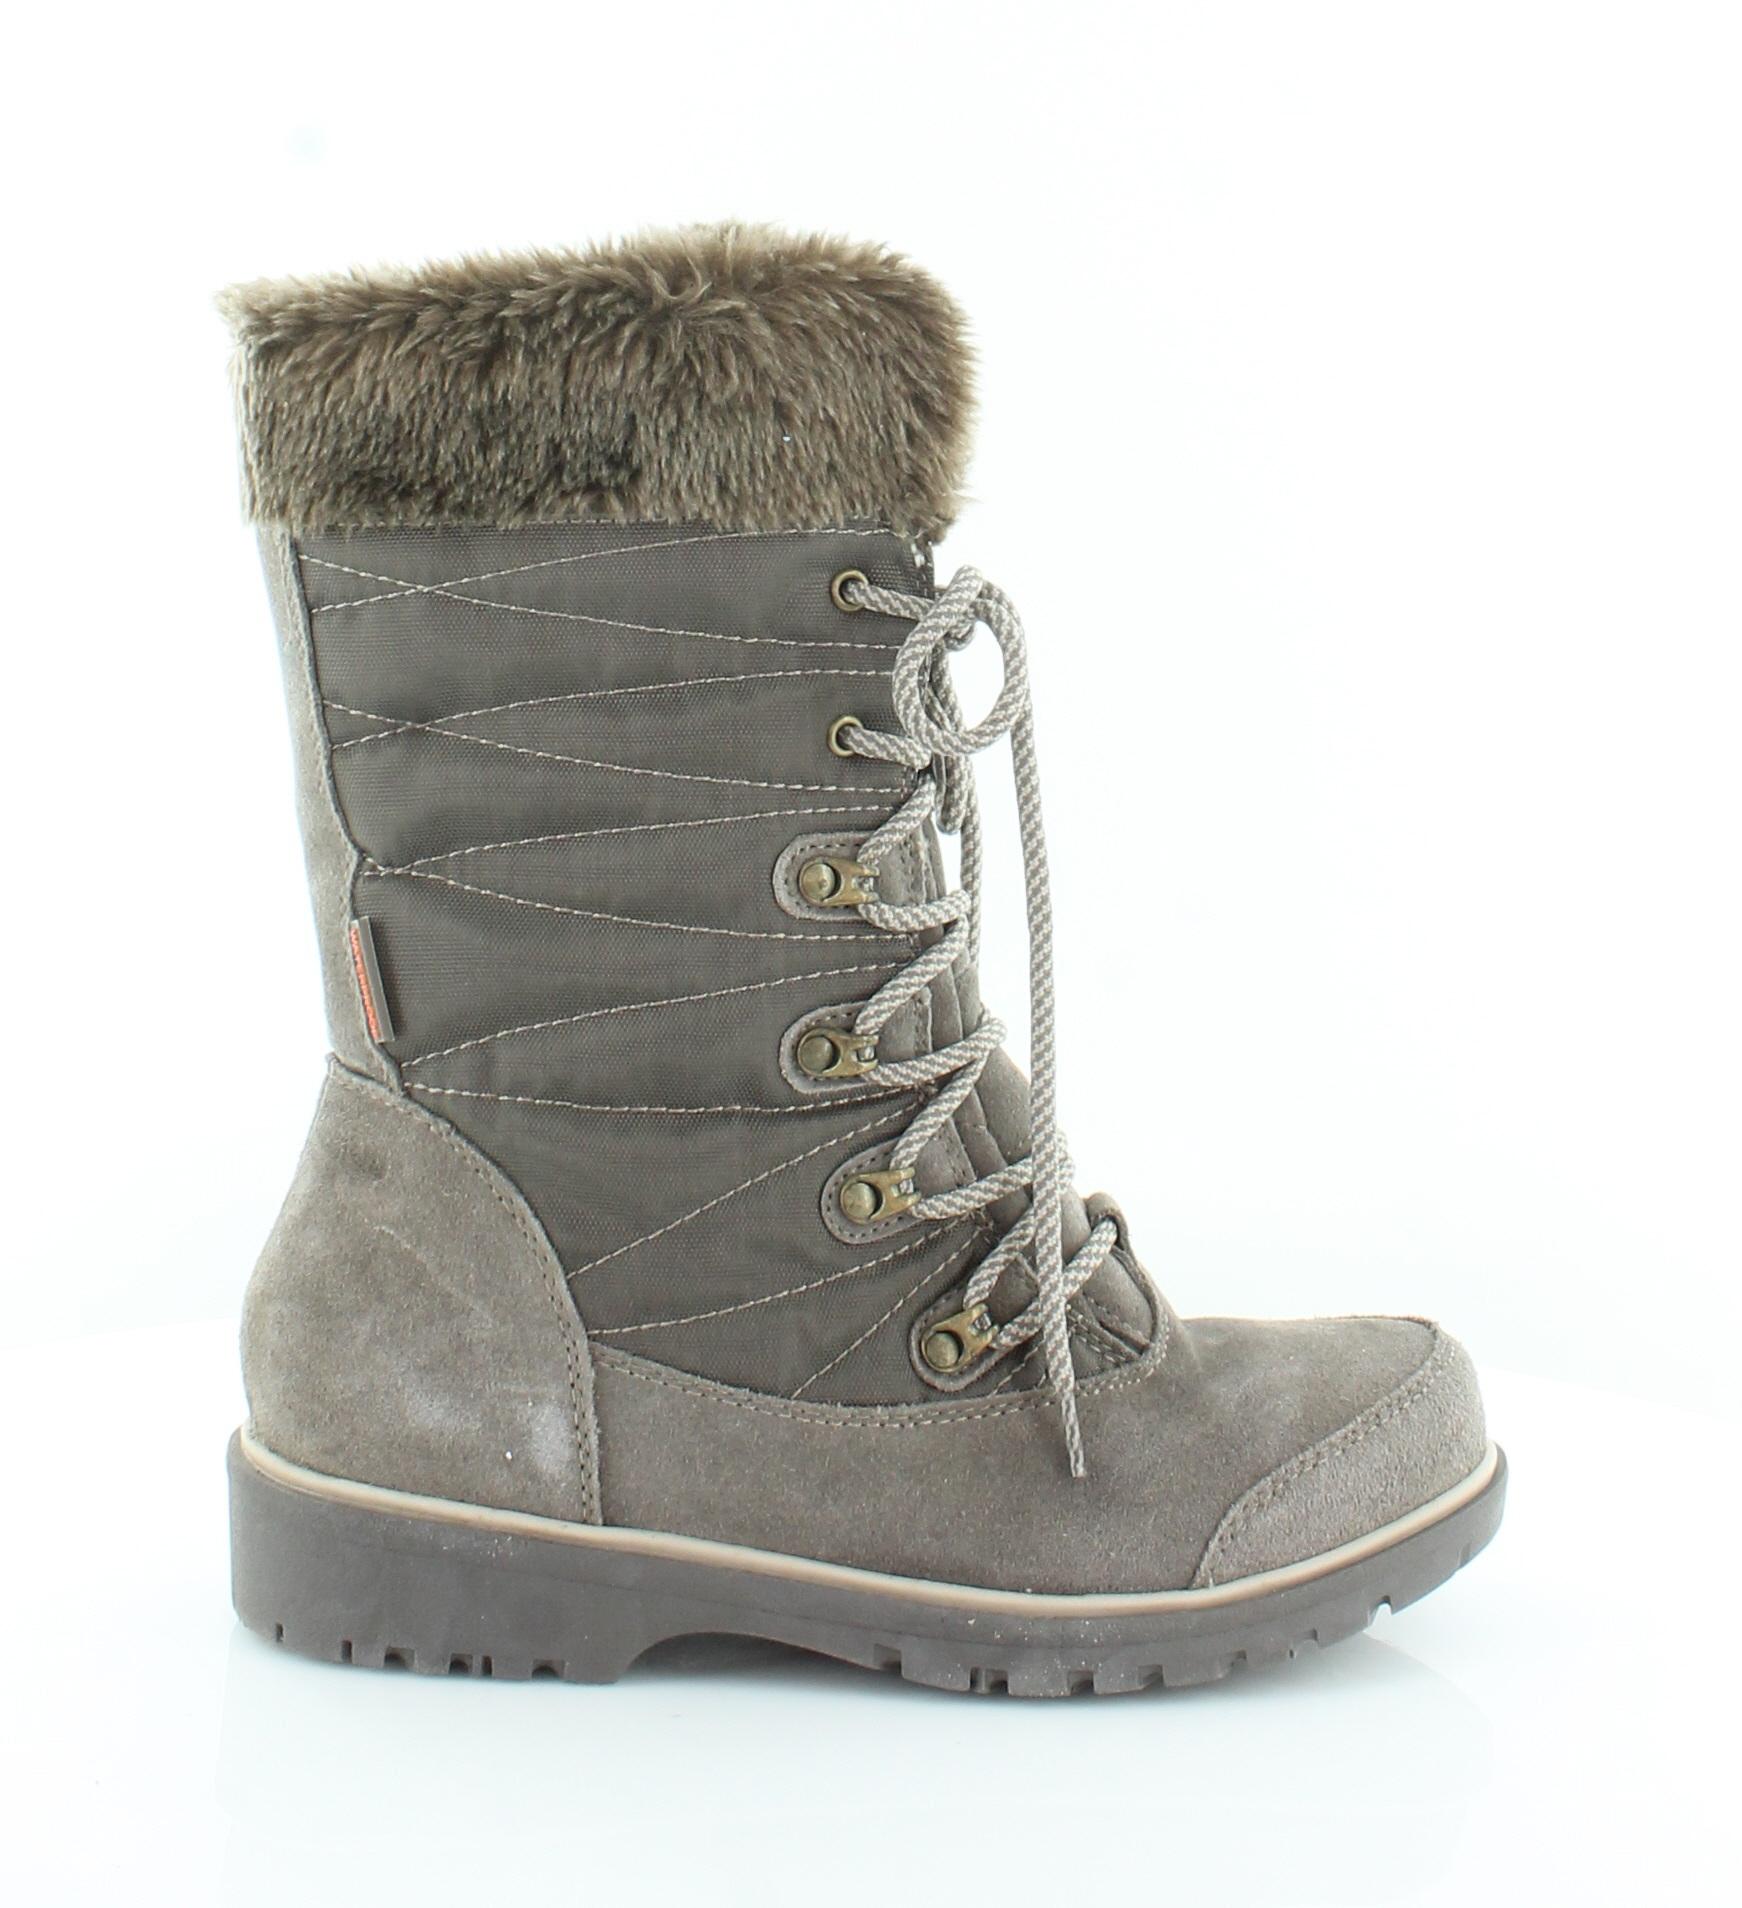 Baretraps Satin Brown Womens shoes Size 8.5 M Boots MSRP  119